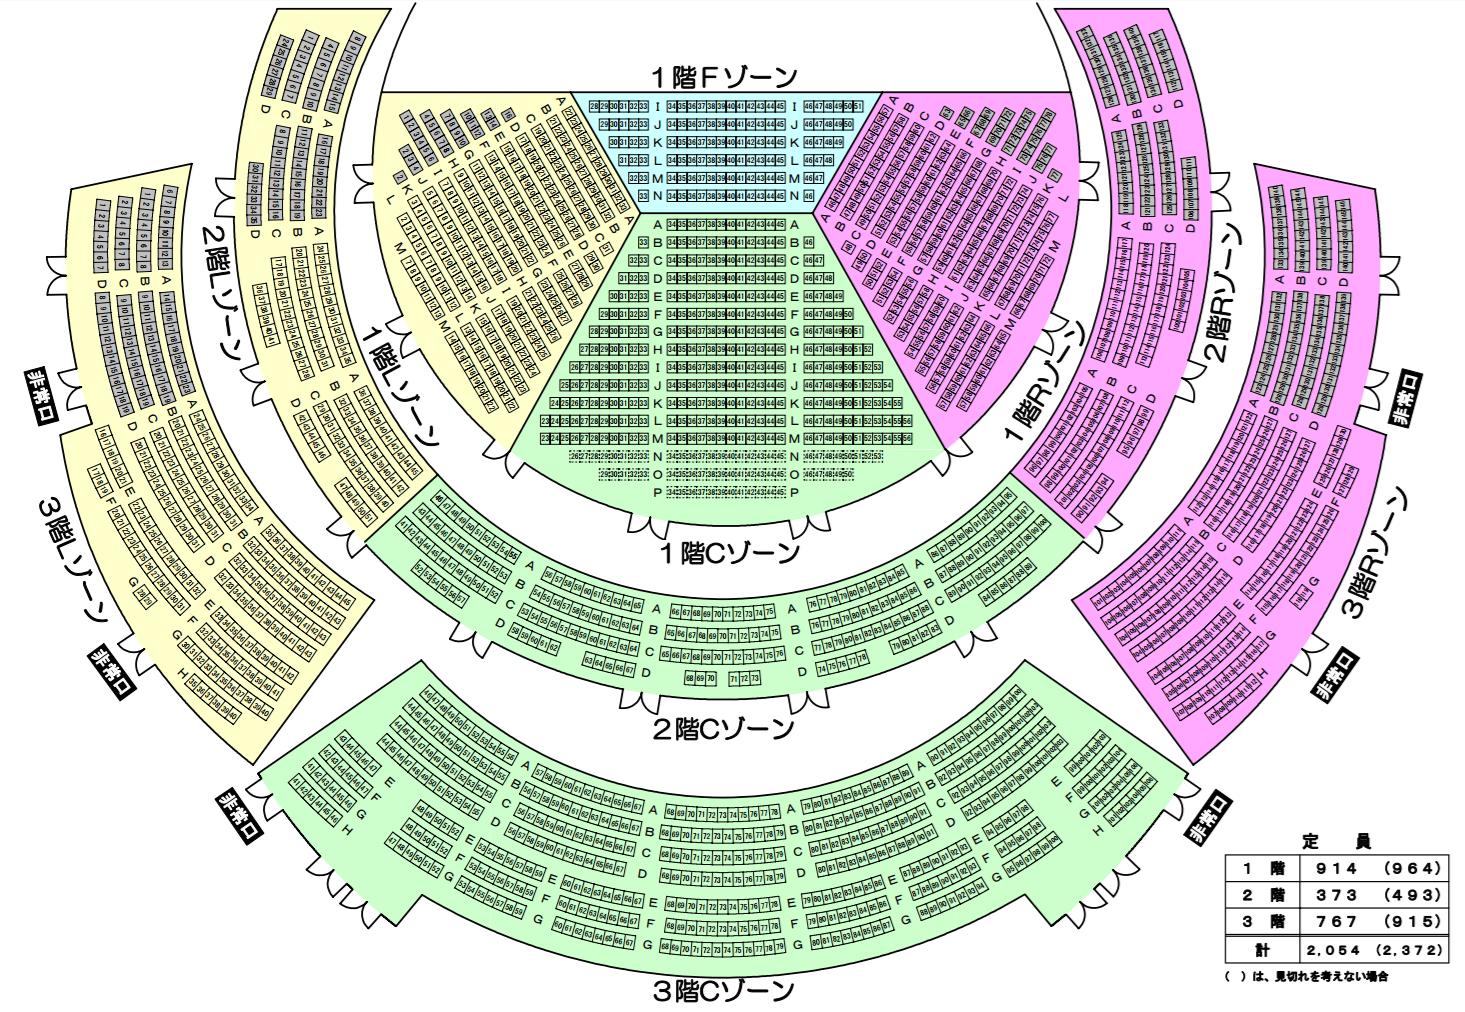 渋谷すばるライブ2020仙台のセトリ・座席は?参戦者の感想も!